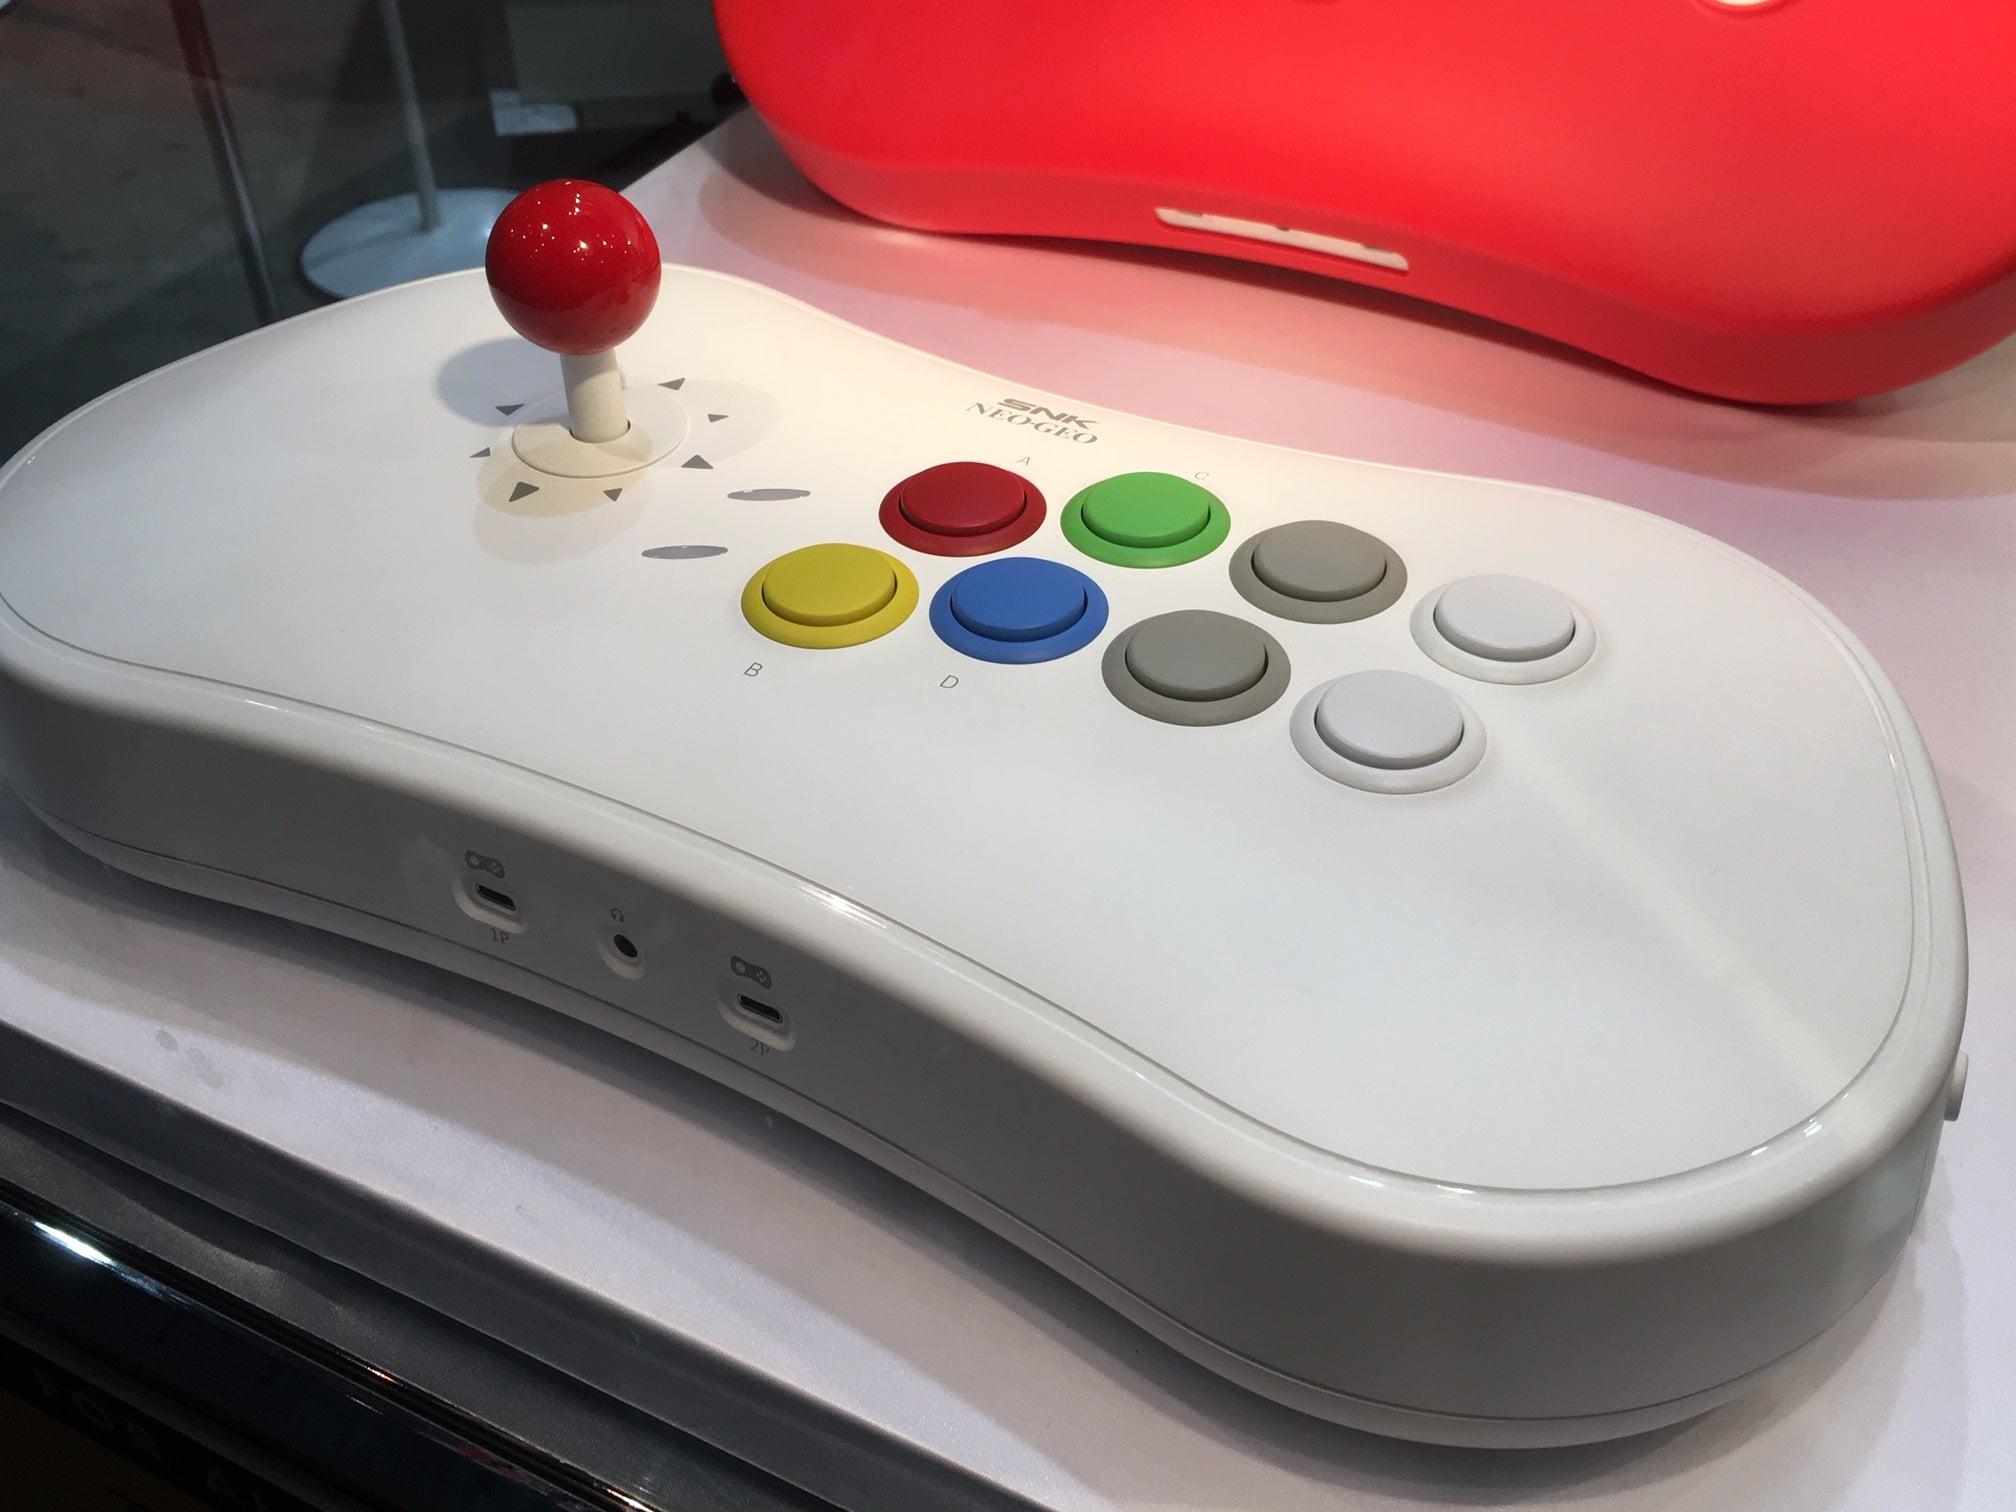 The Neo Geo Arcade Stick Pro Is Massive In-Person